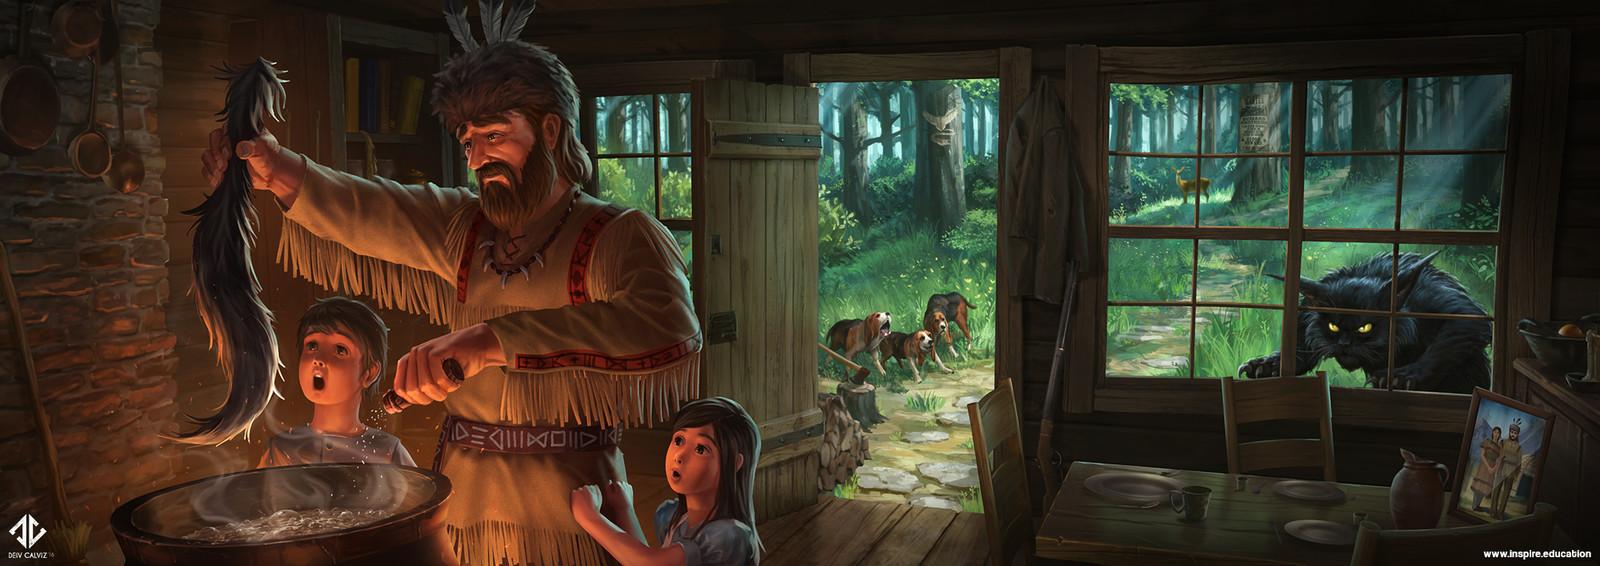 Tailypo - Cabin Scene